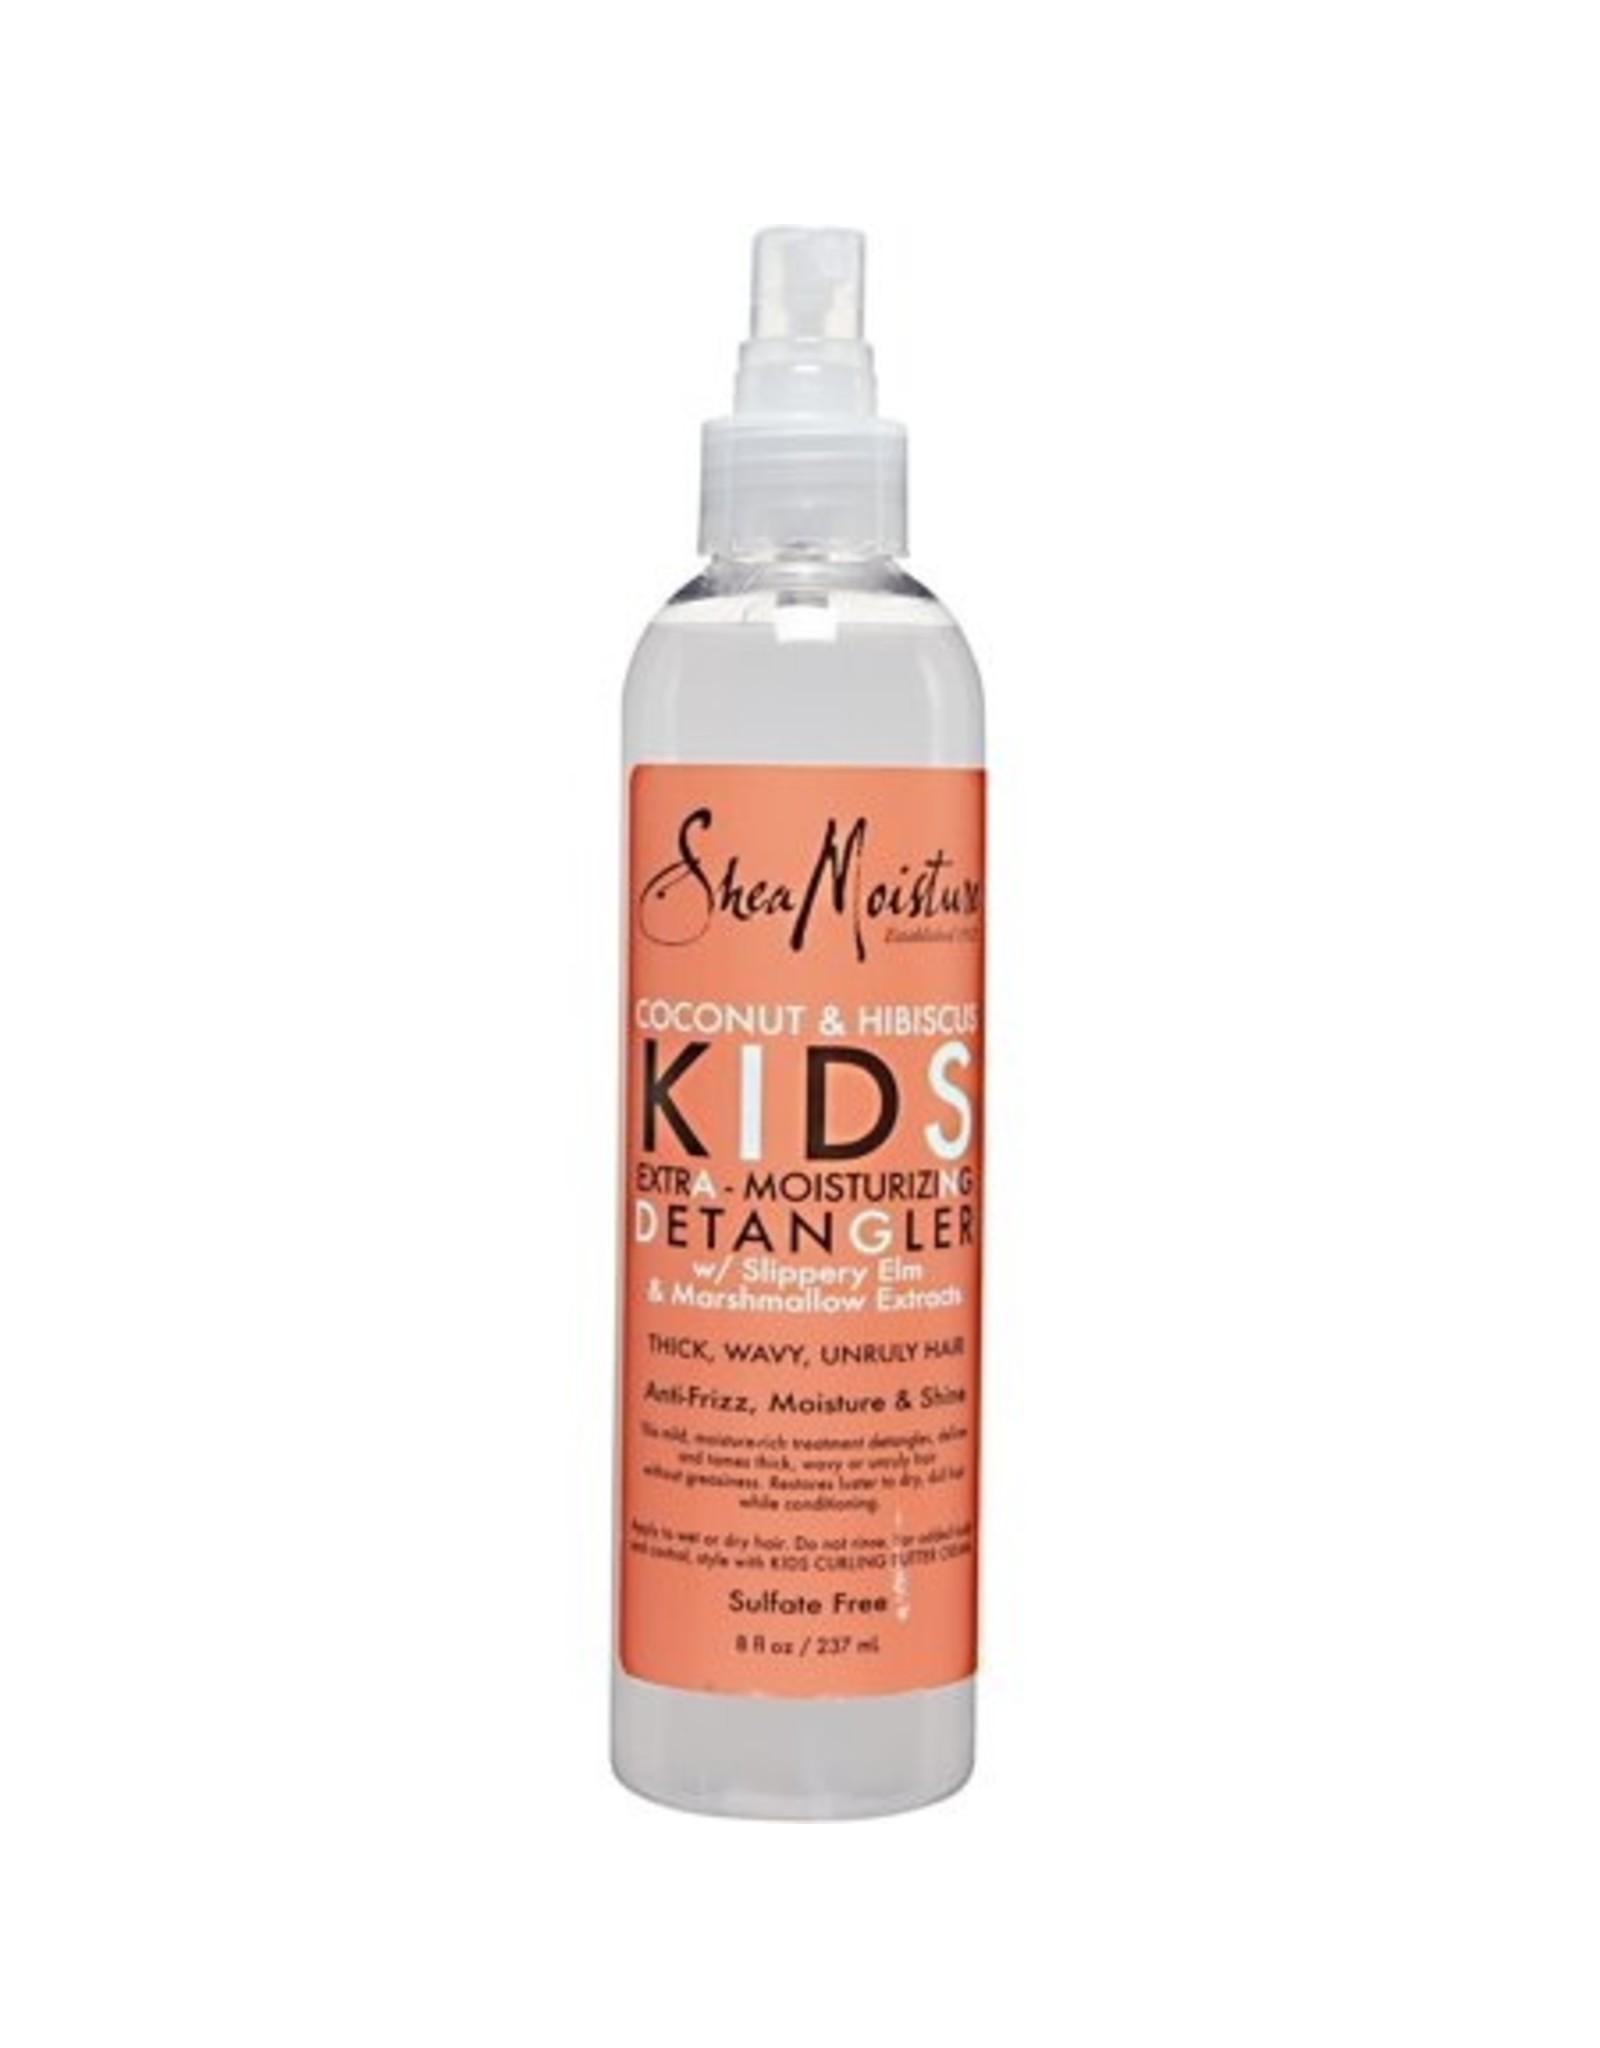 Shea Moisture KIDS Detangler Spray